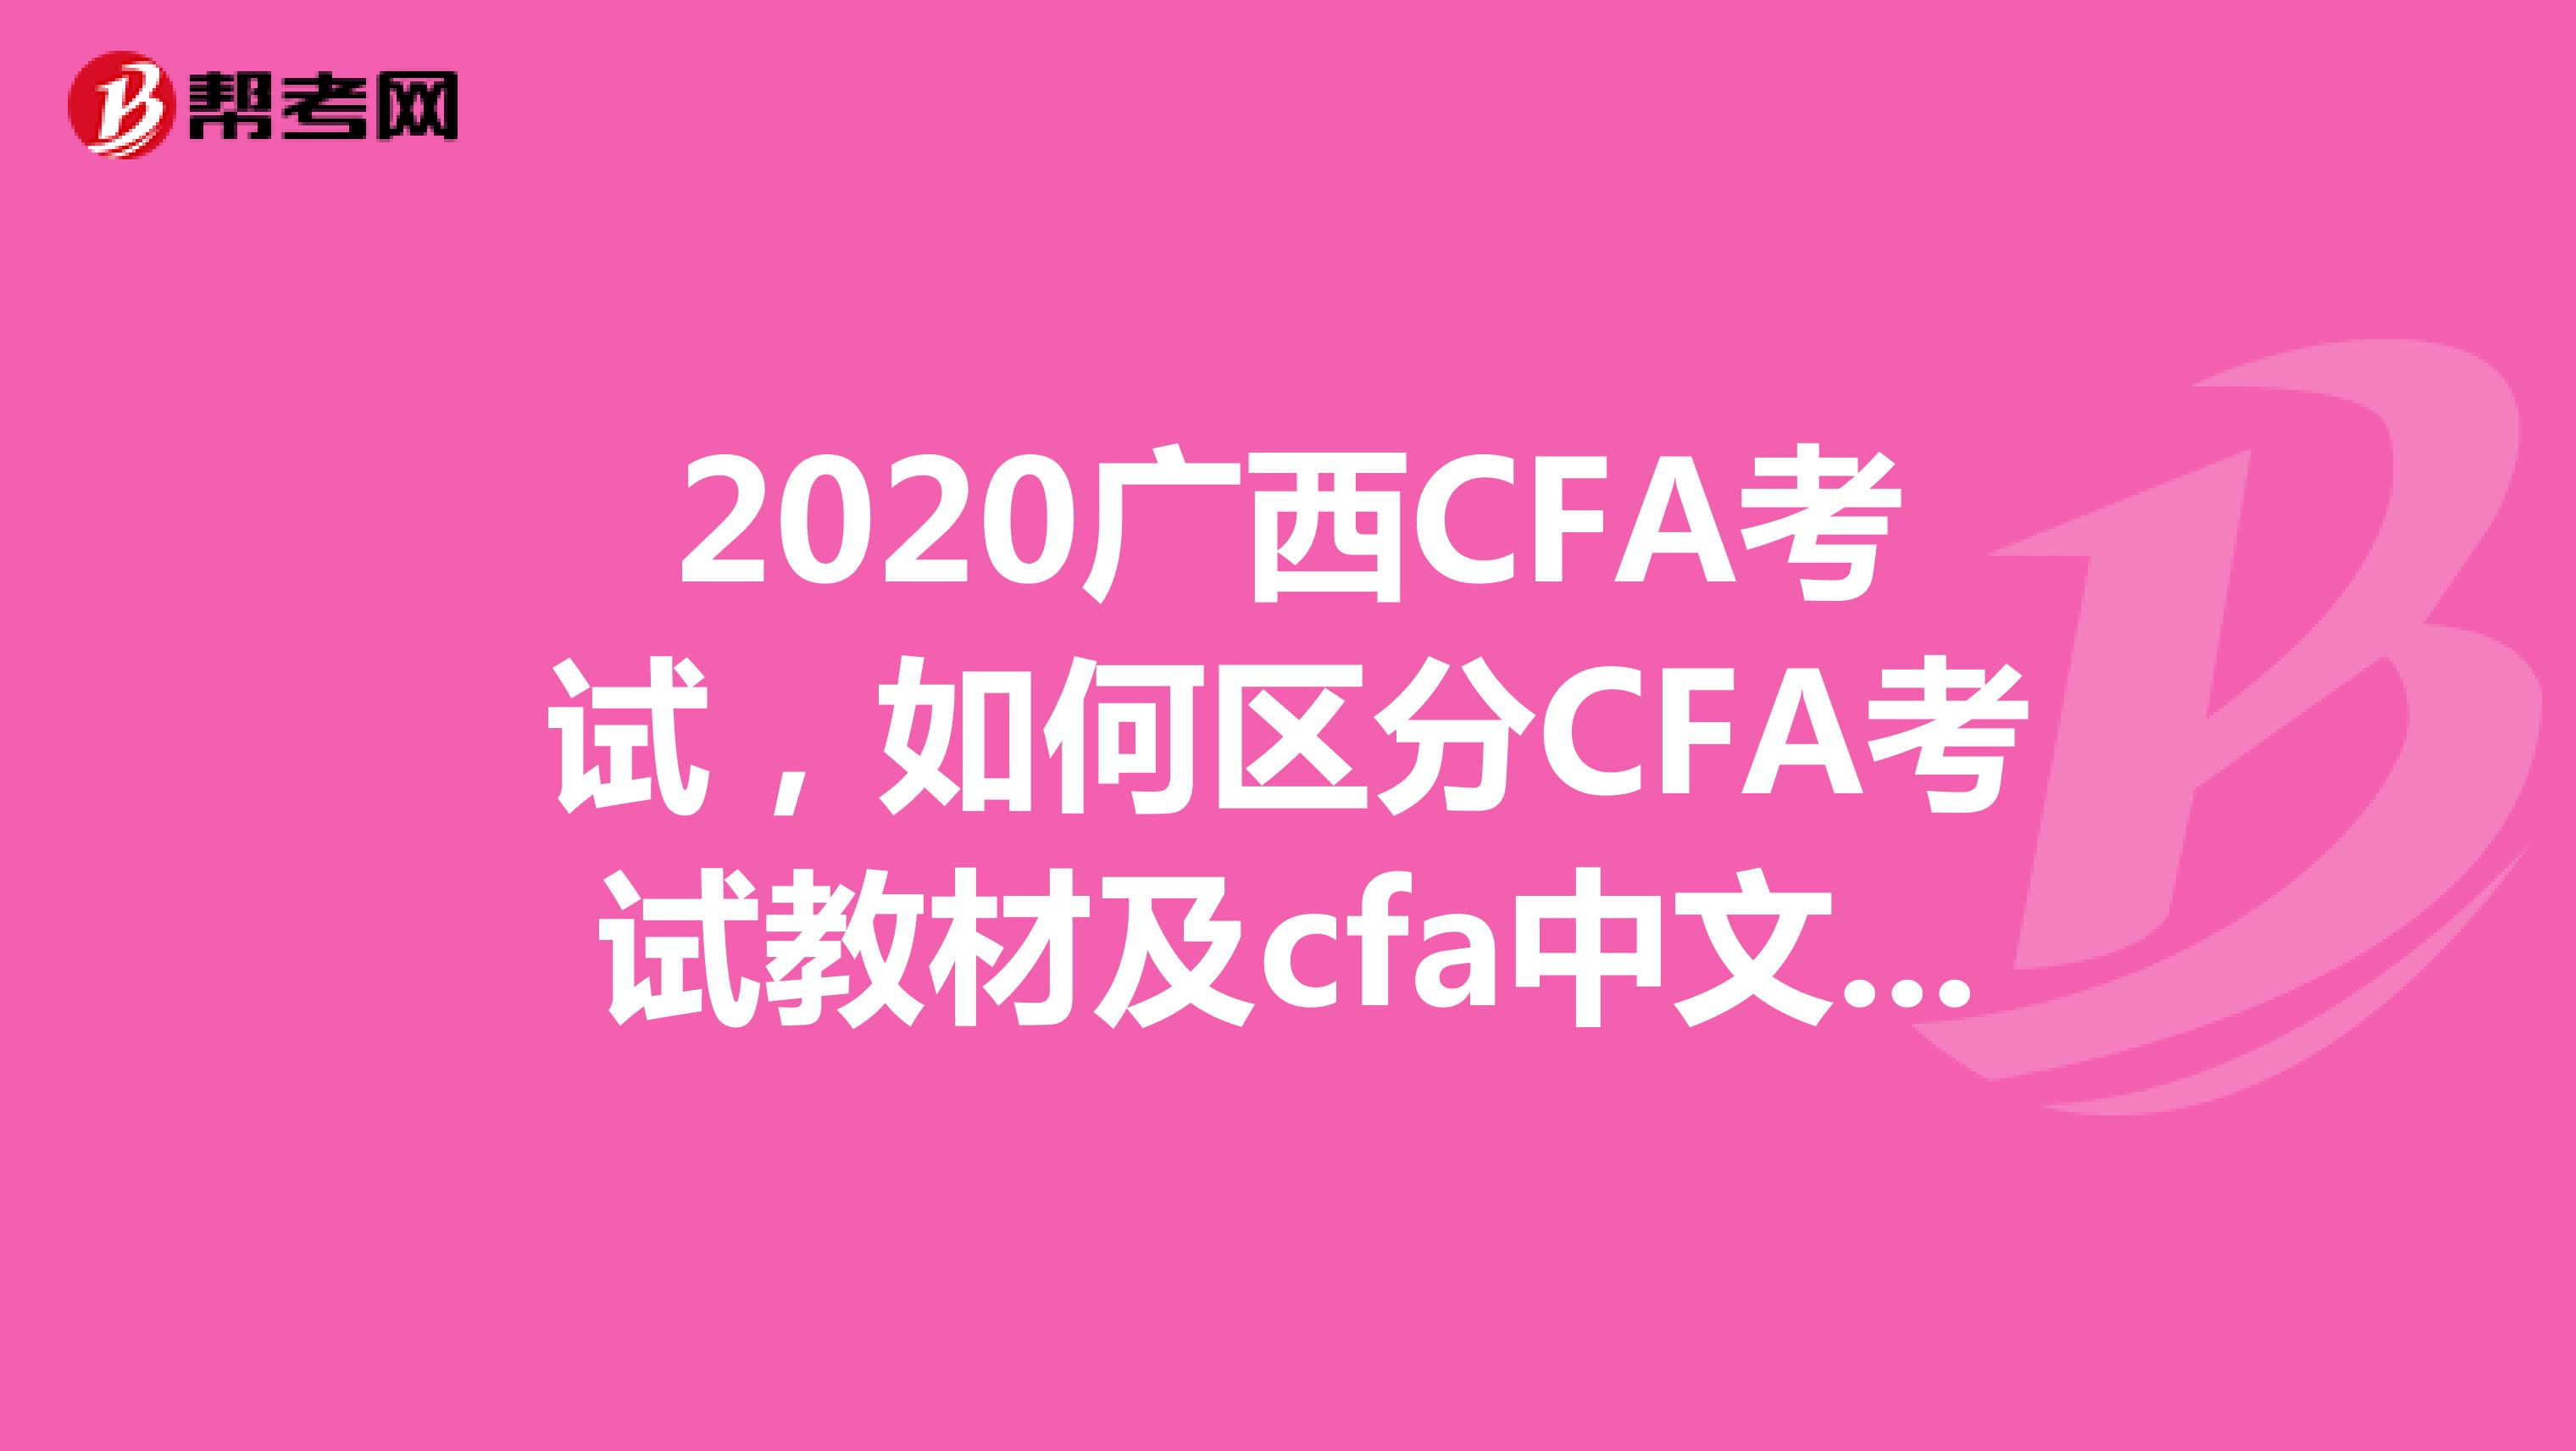 2020广西CFA雷火,如何区分CFA雷火教材及cfa中文教材?